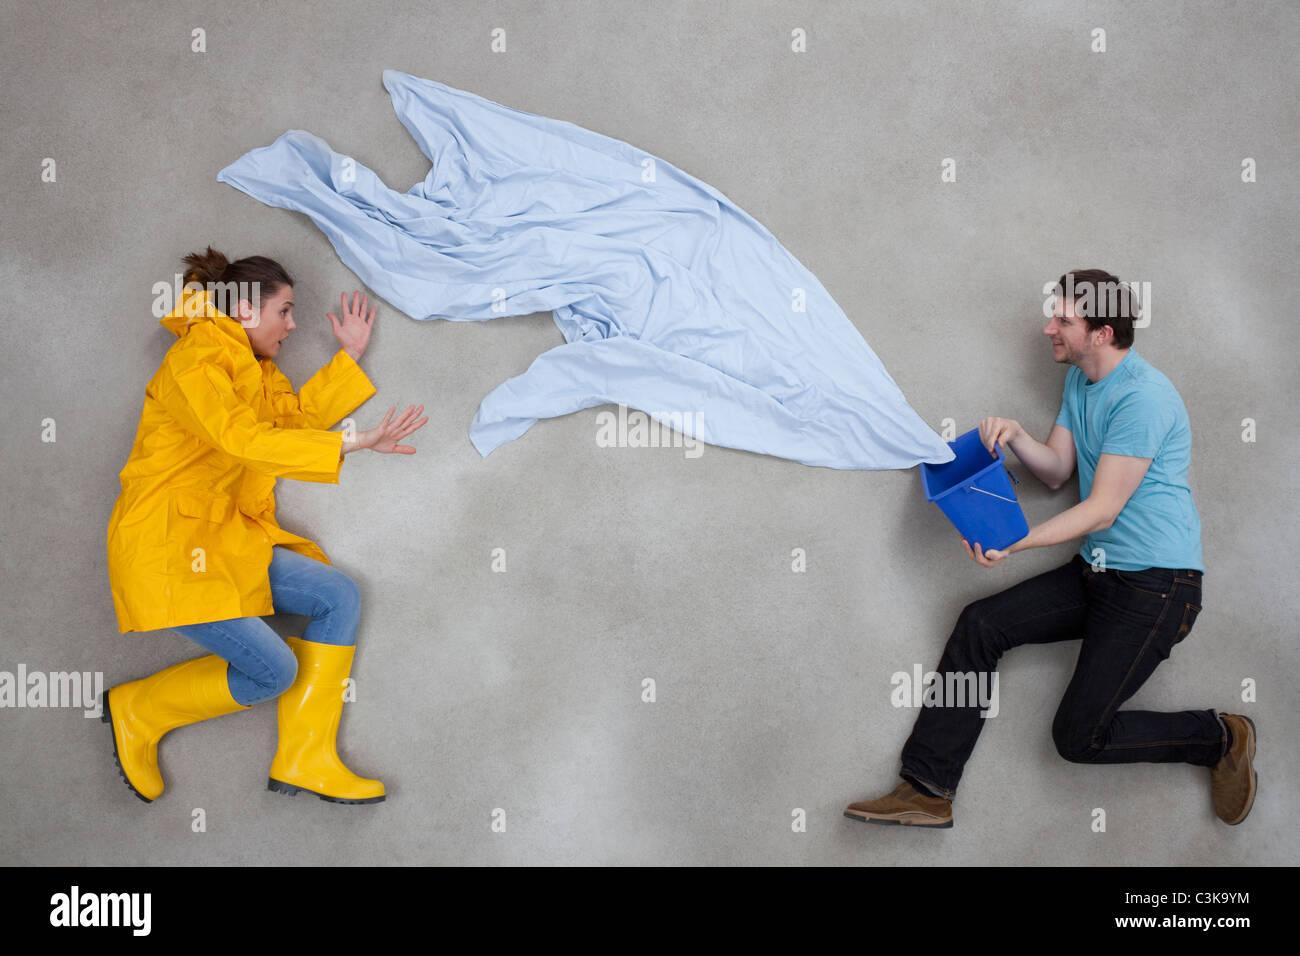 L'uomo schizzi secchio di acqua sulla donna Immagini Stock